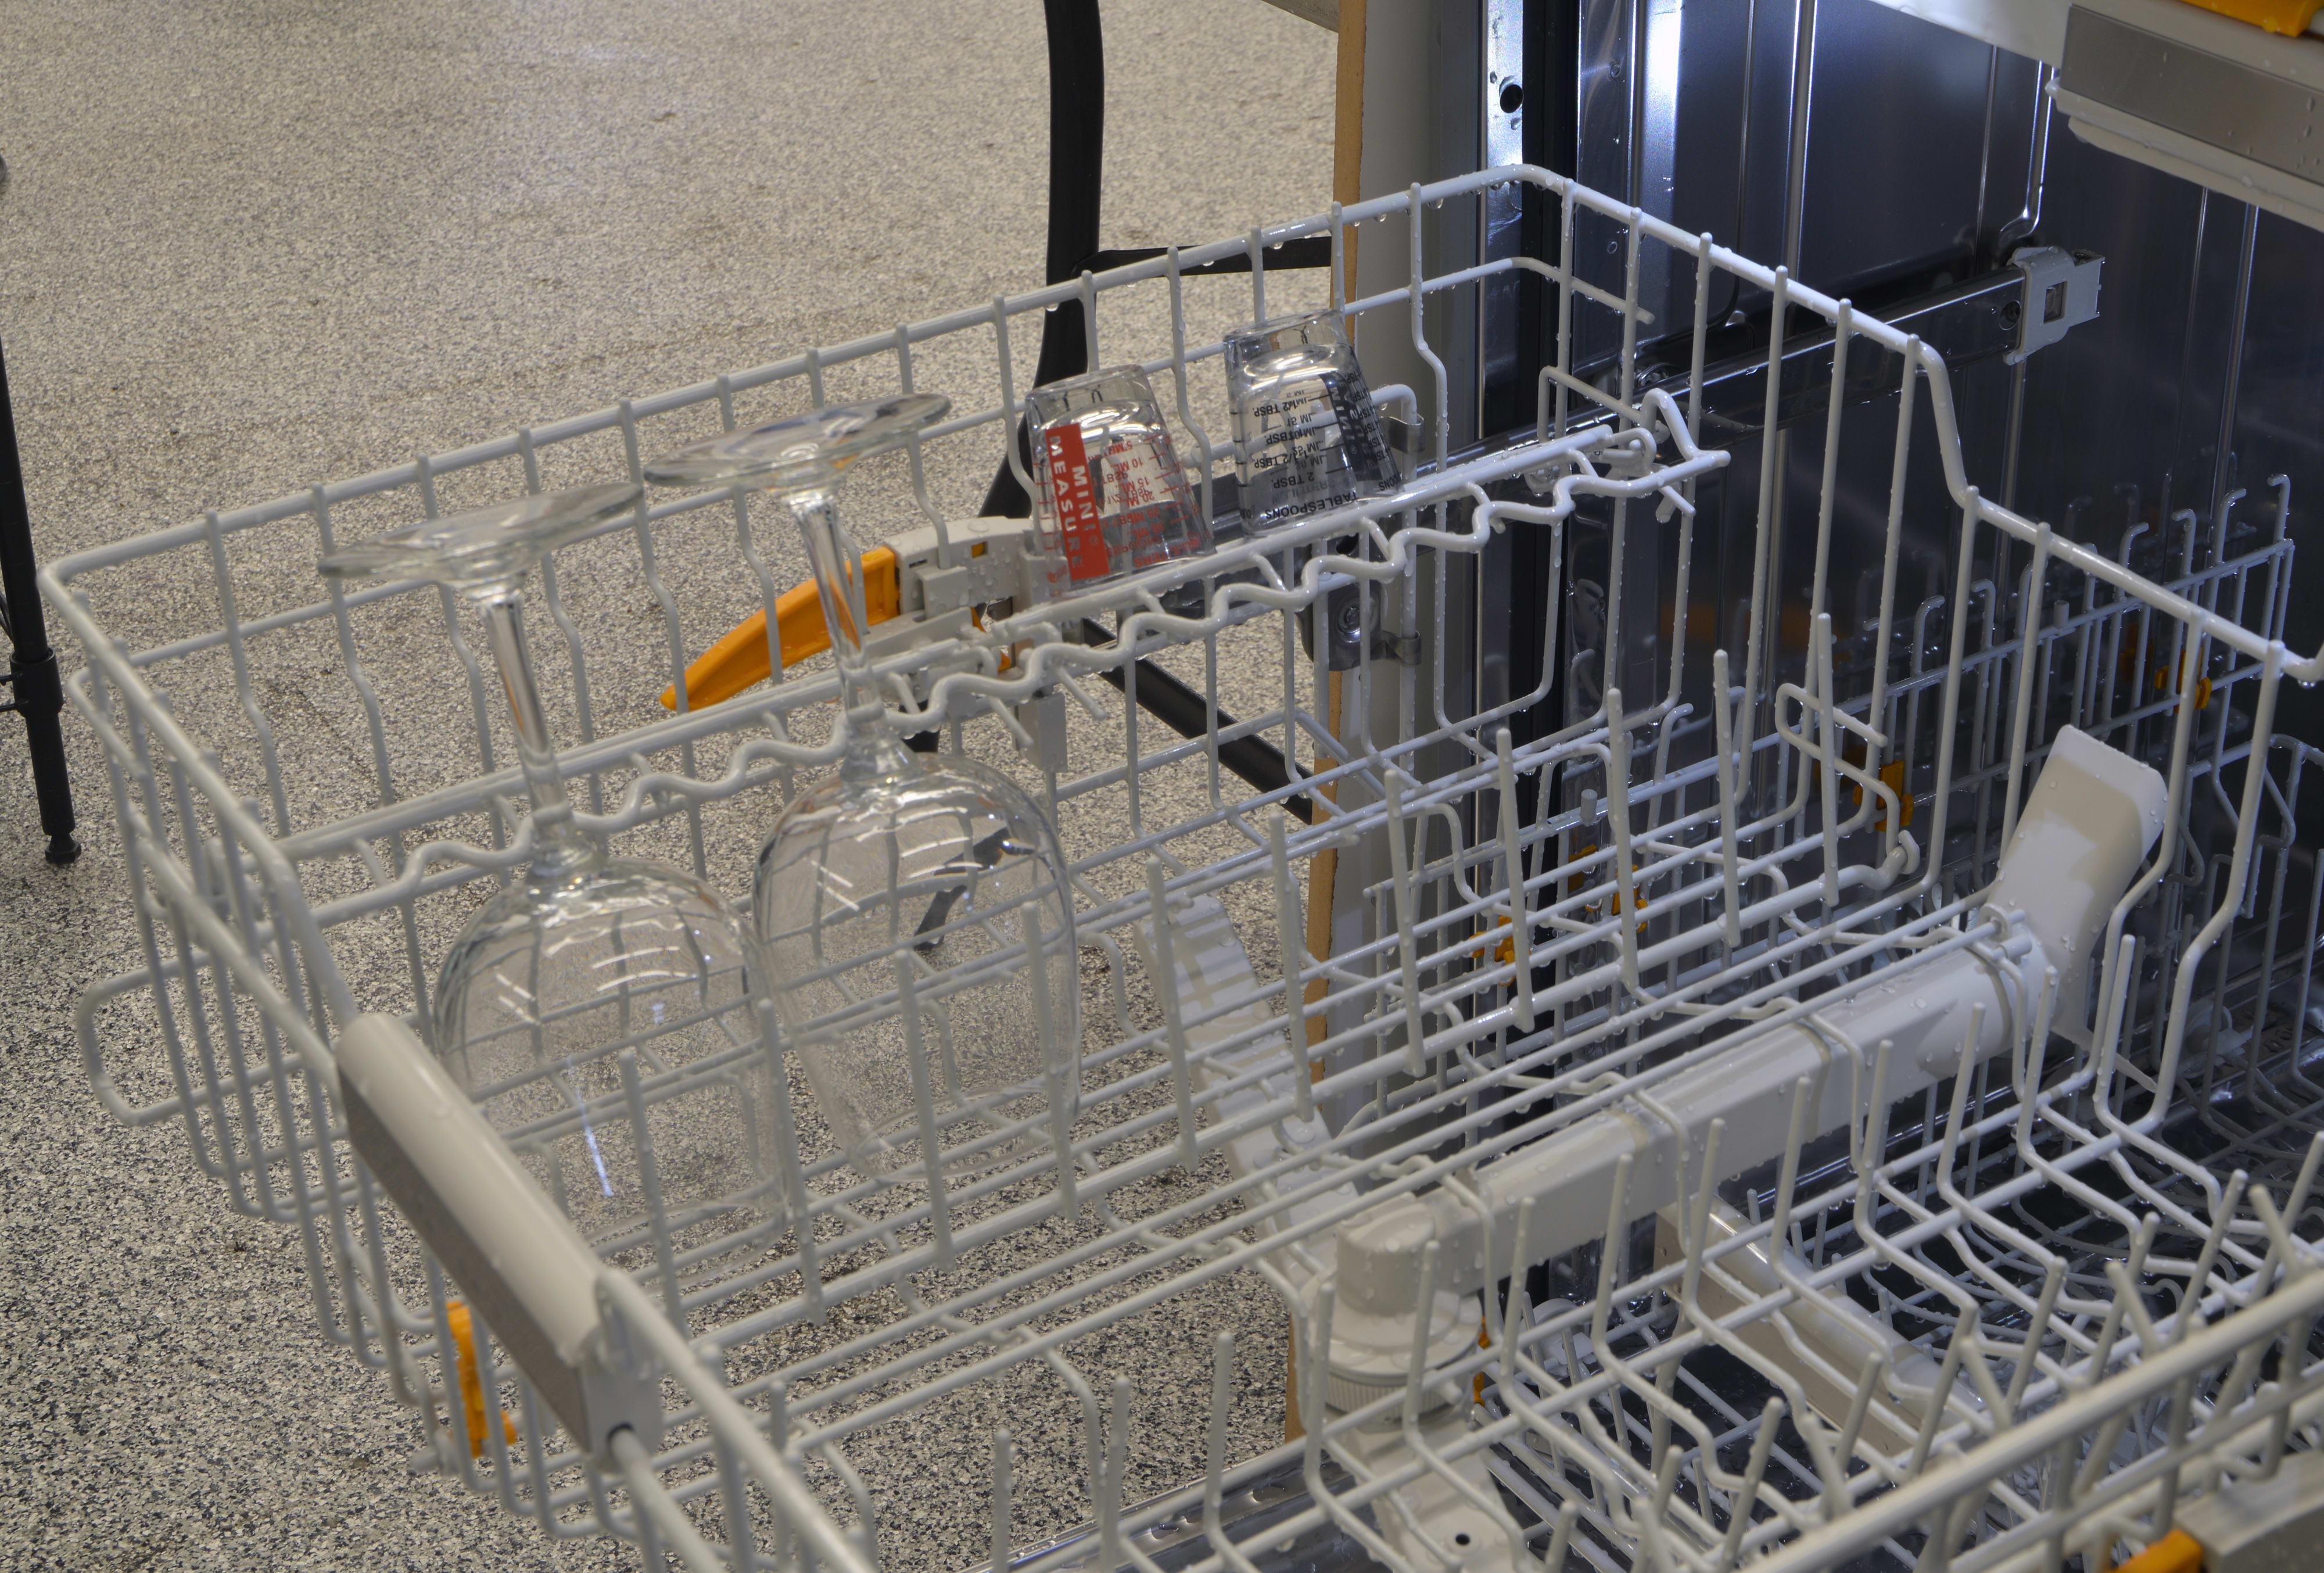 Fold-down shelves on the upper rack